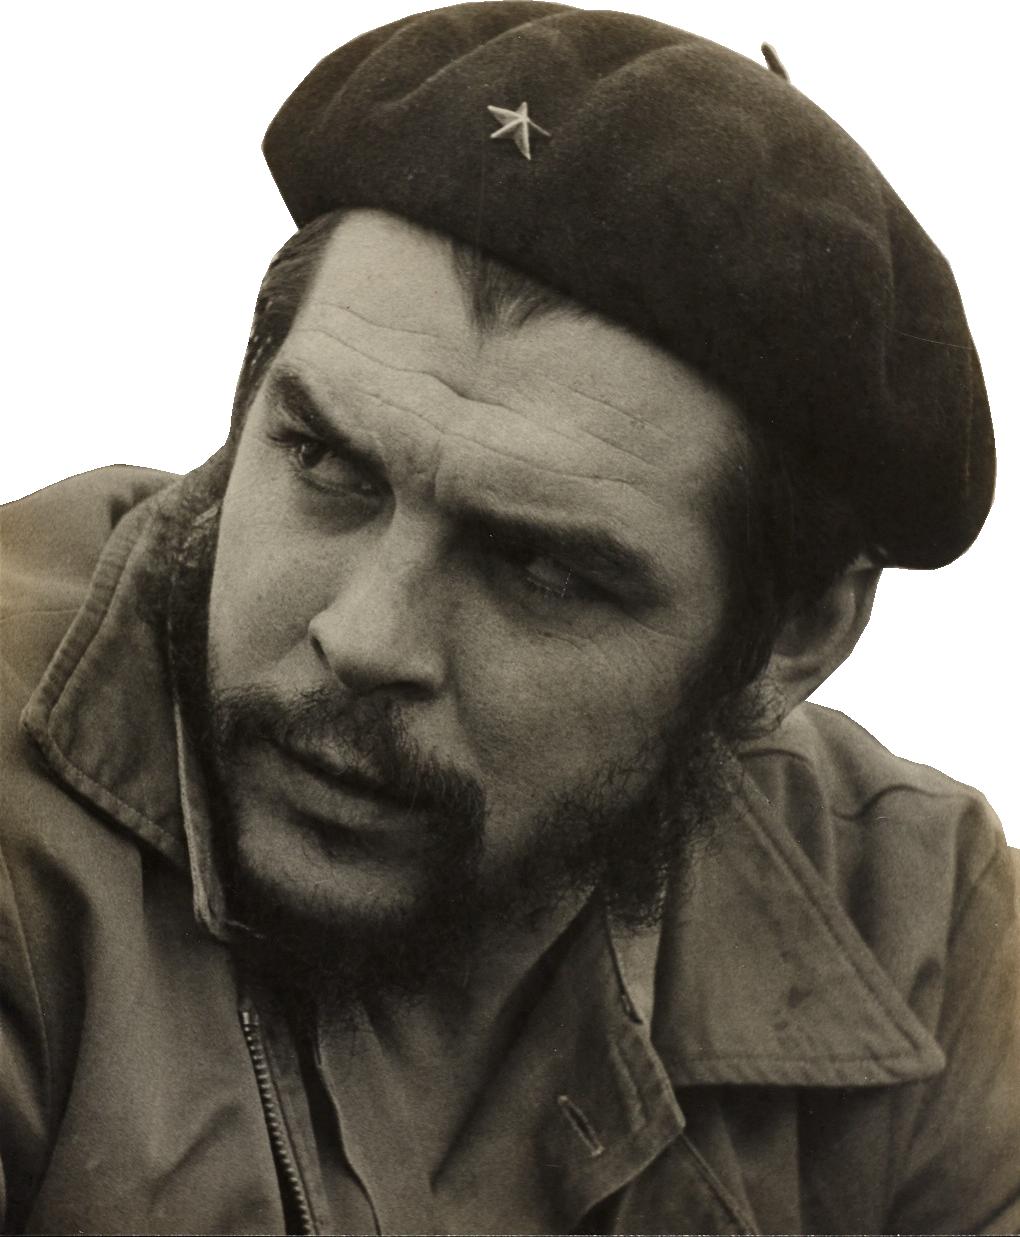 Che Guevara Png Image Che Guevara Art Che Guevara Photos Che Guevara Images